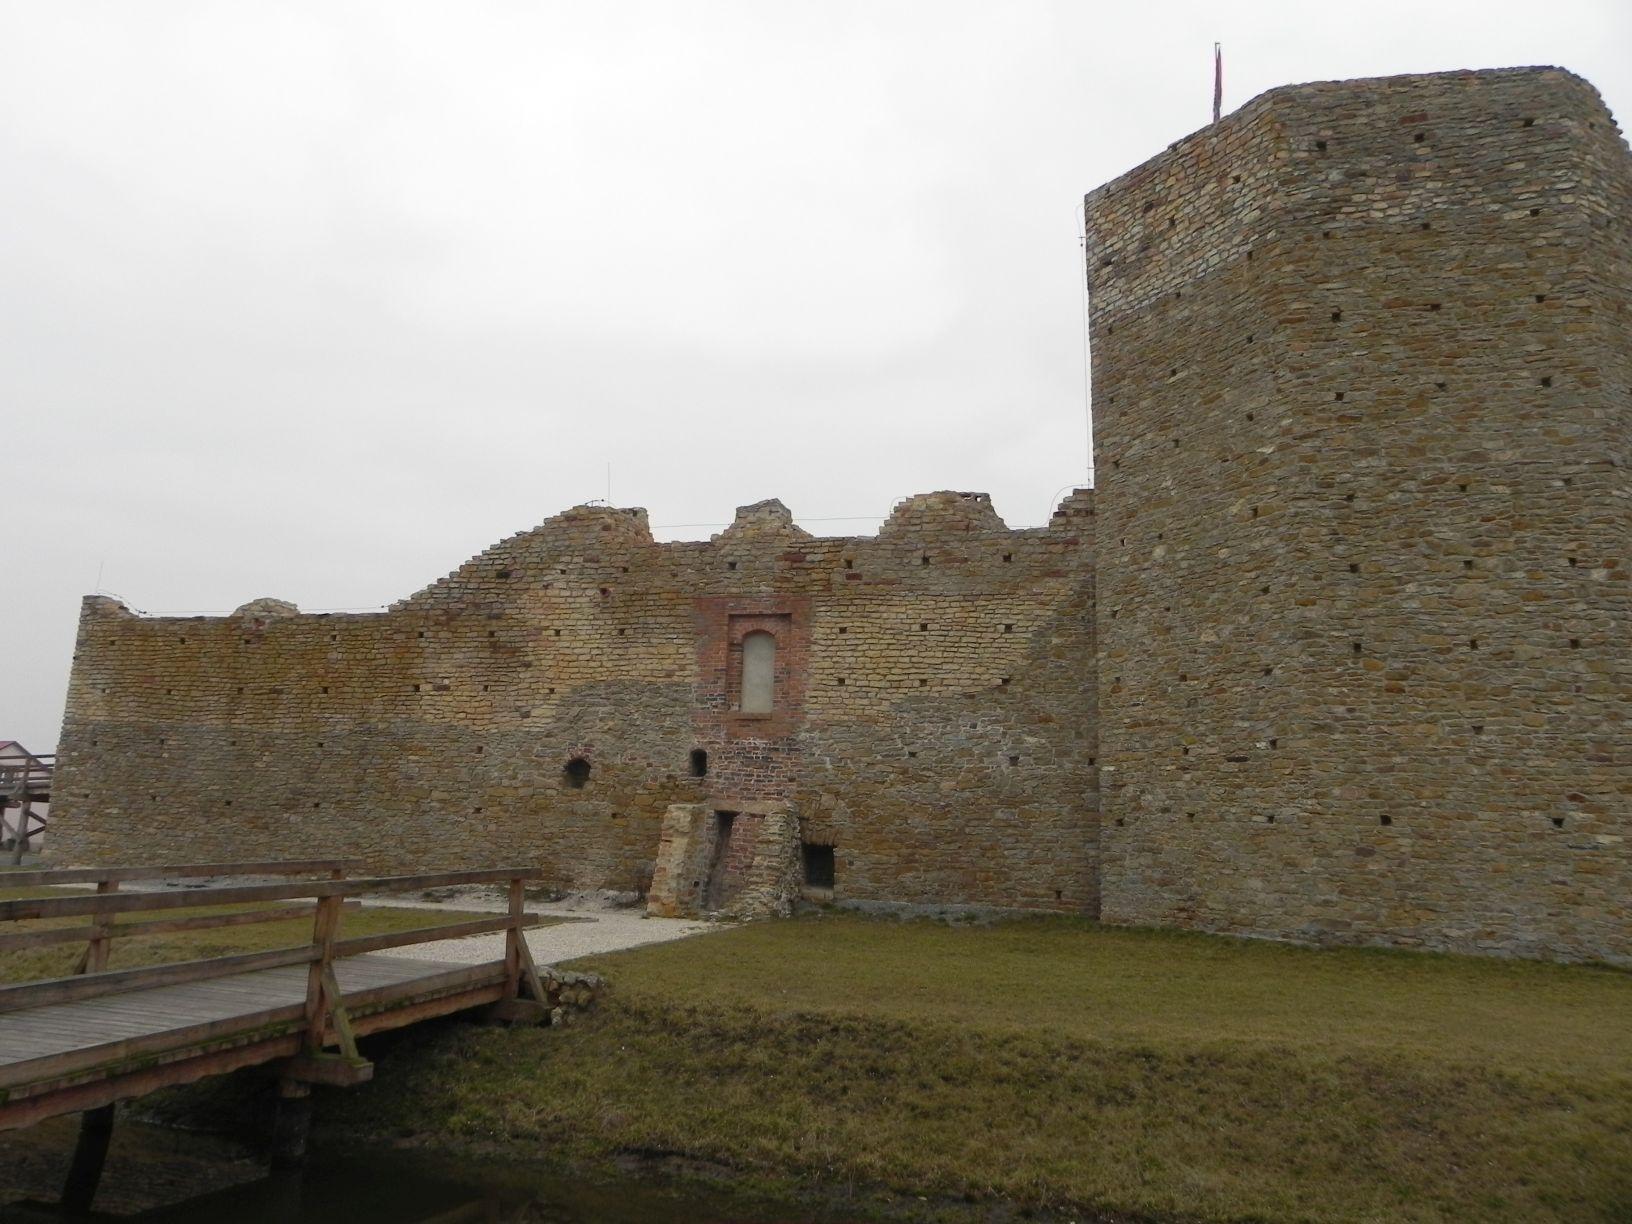 2014-01-05 Inowłódz - Ruiny zamku (3)